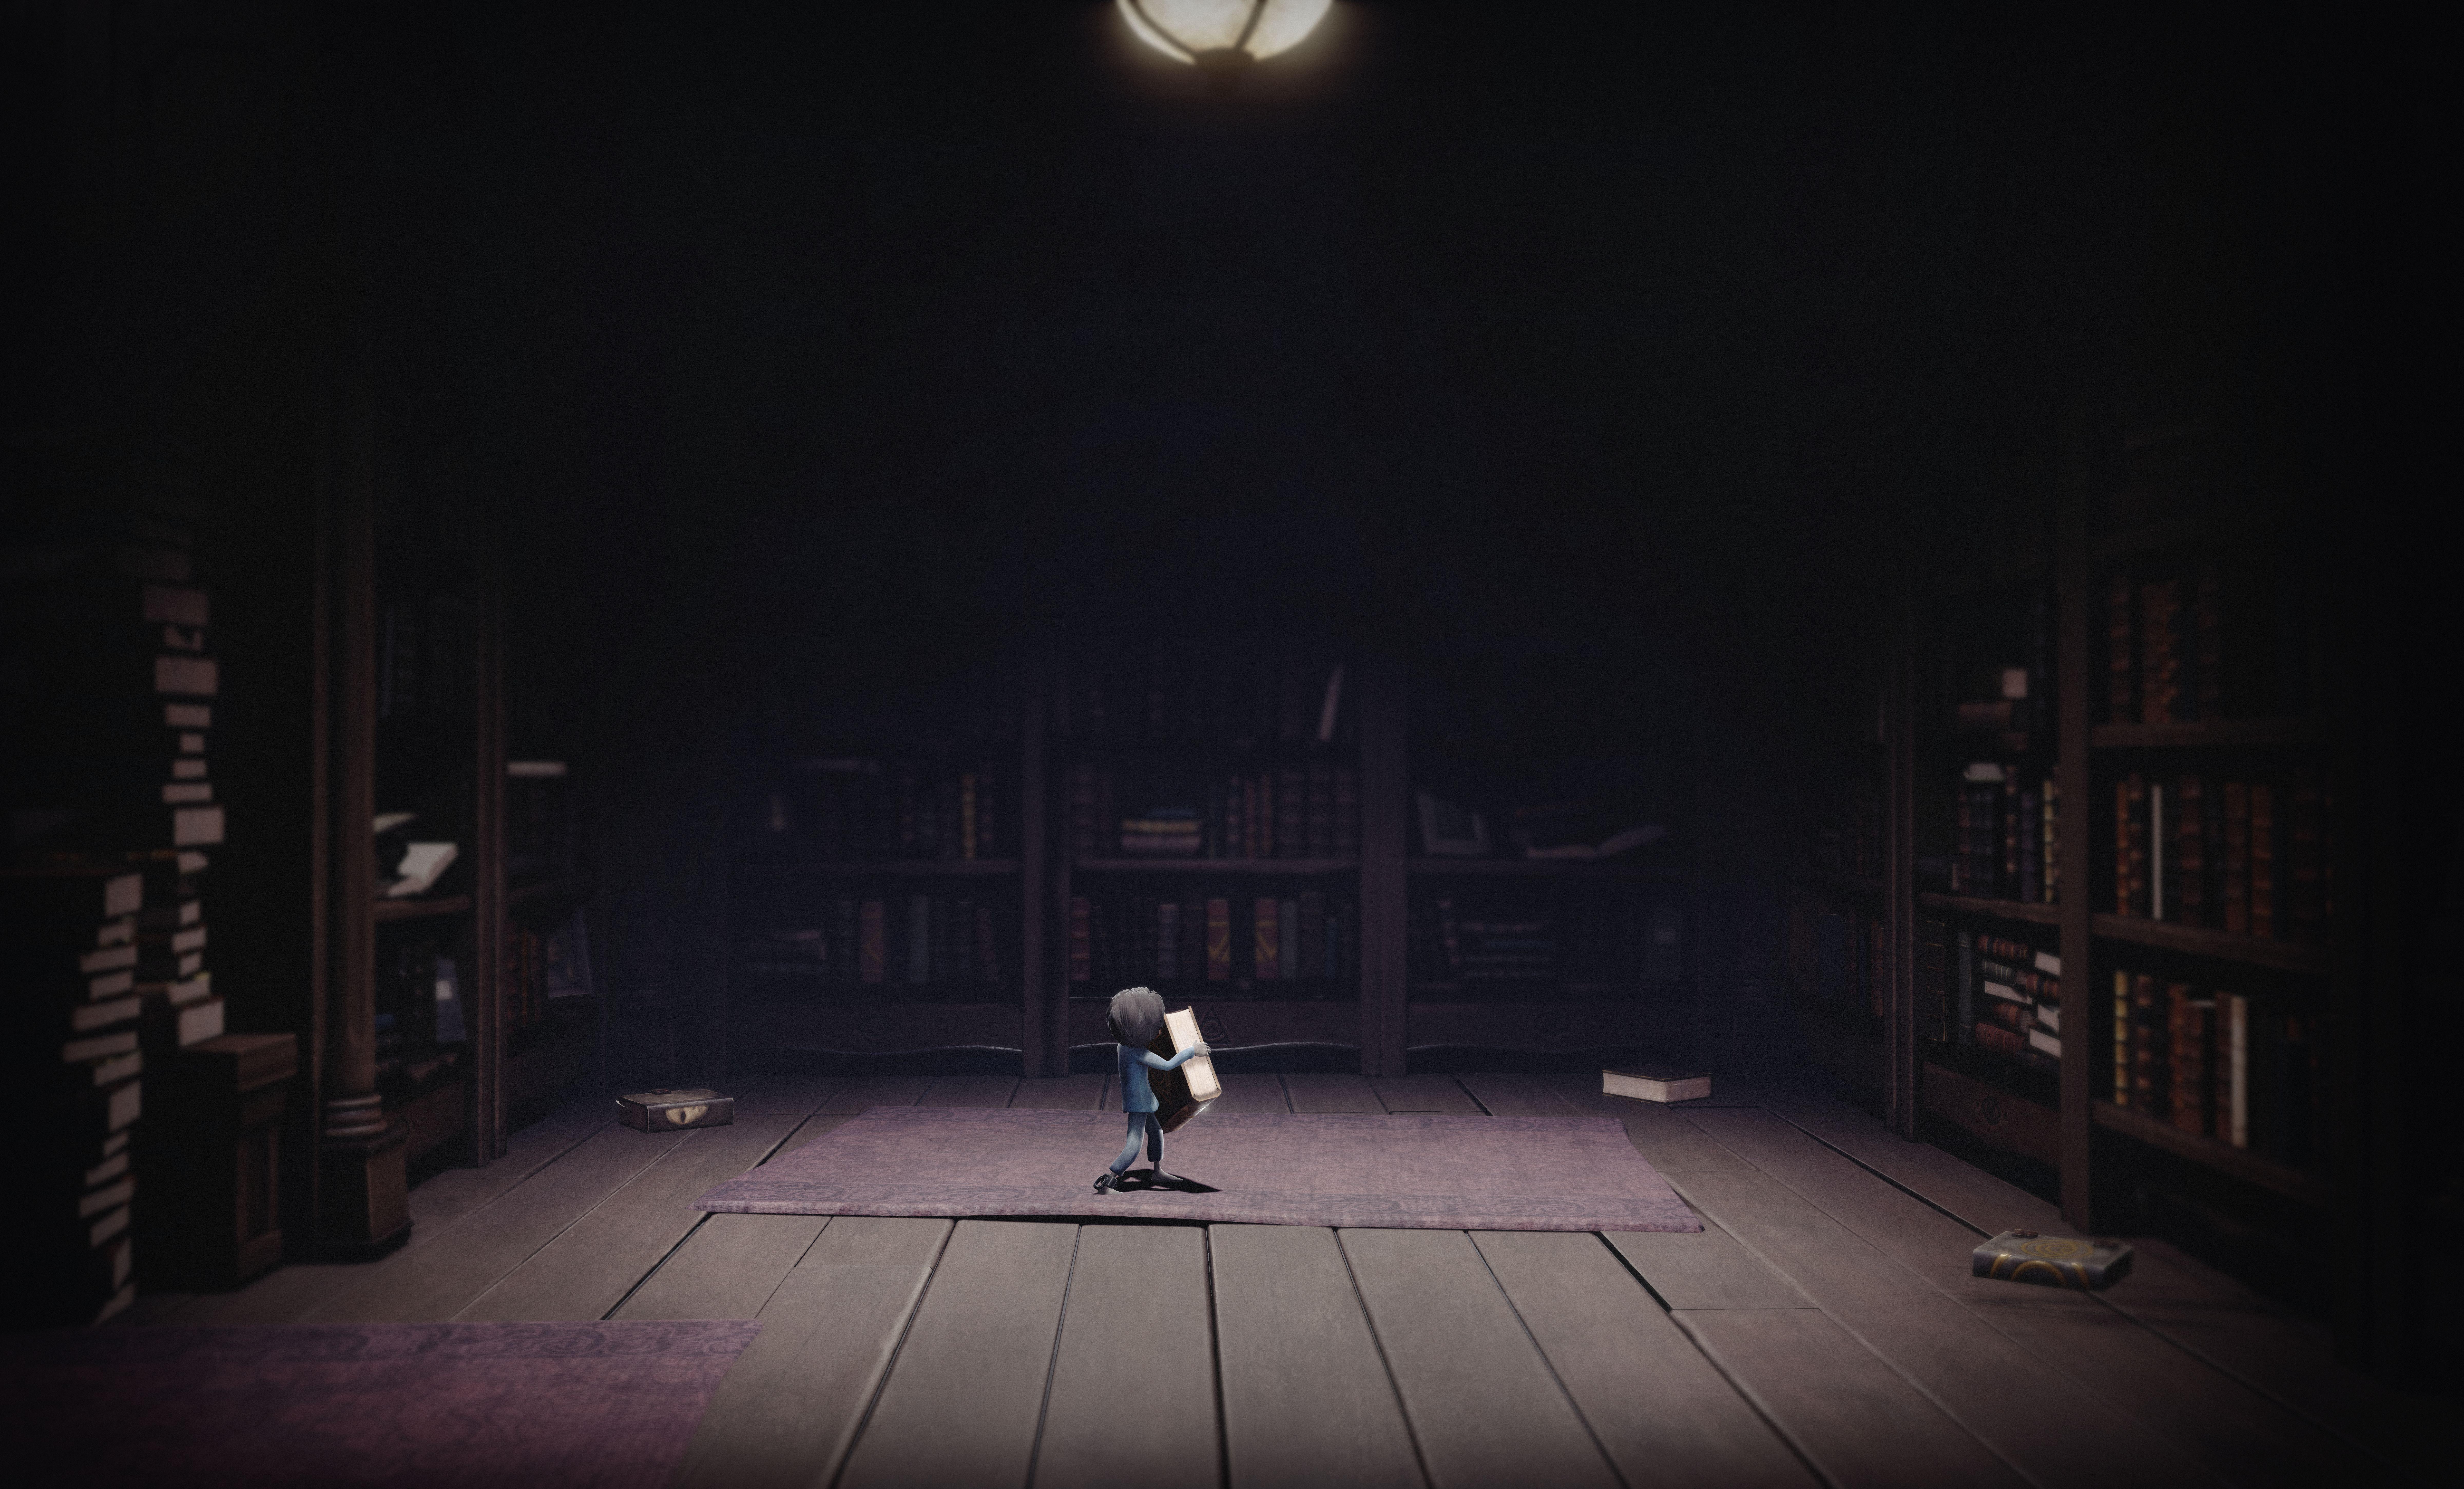 Little-Nightmares_2018_02-23-18_001